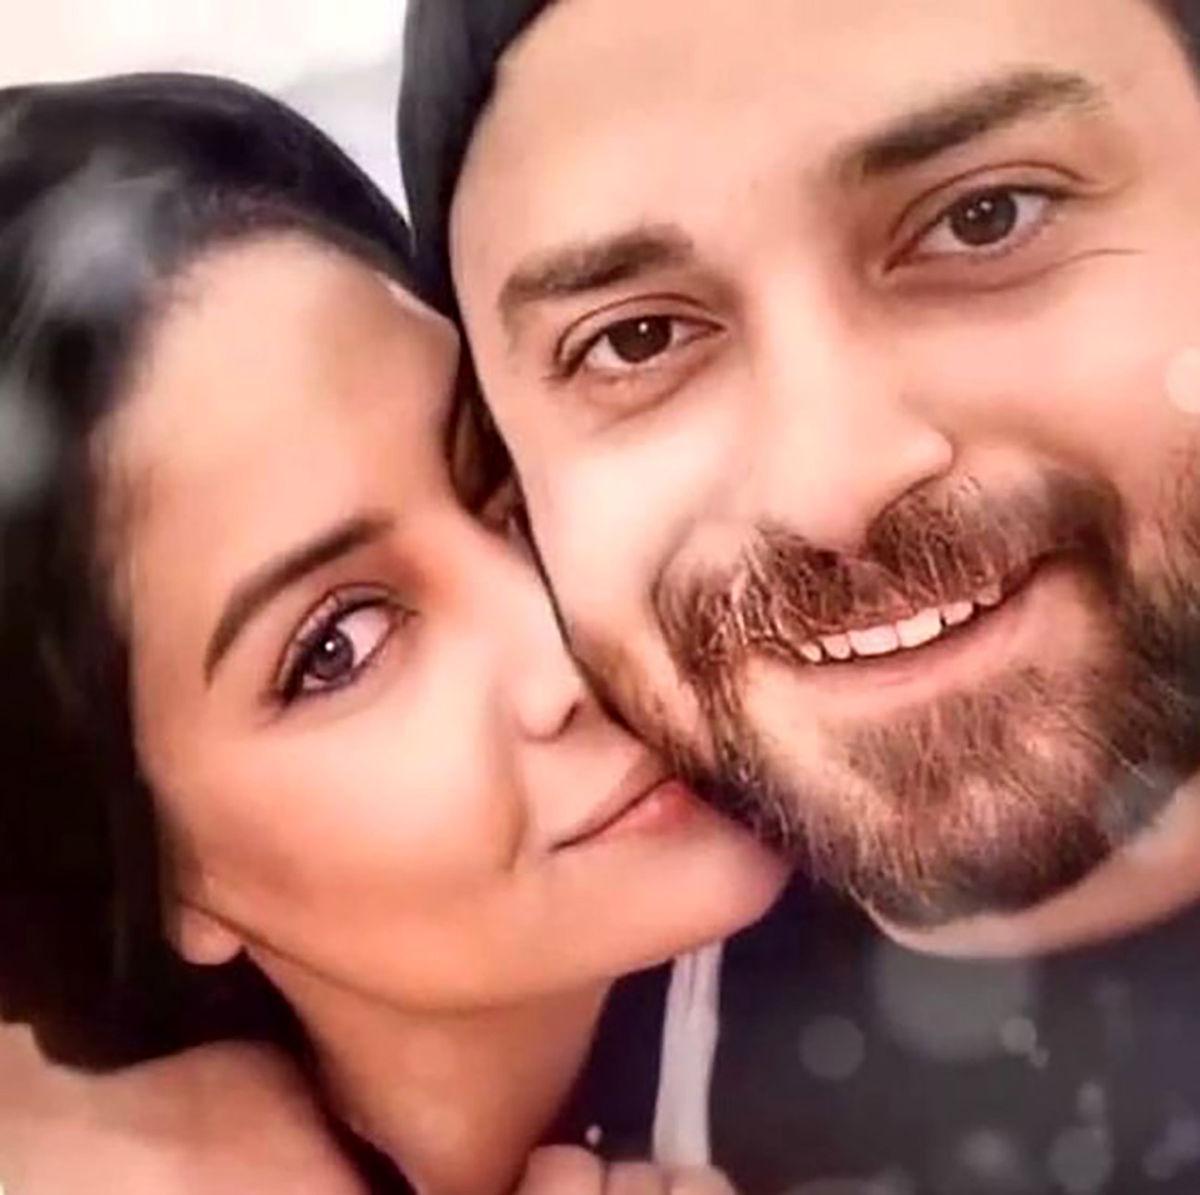 عاشقانه های بابک جهانبخش و همسرش بعد از عمل جراحی + عکس